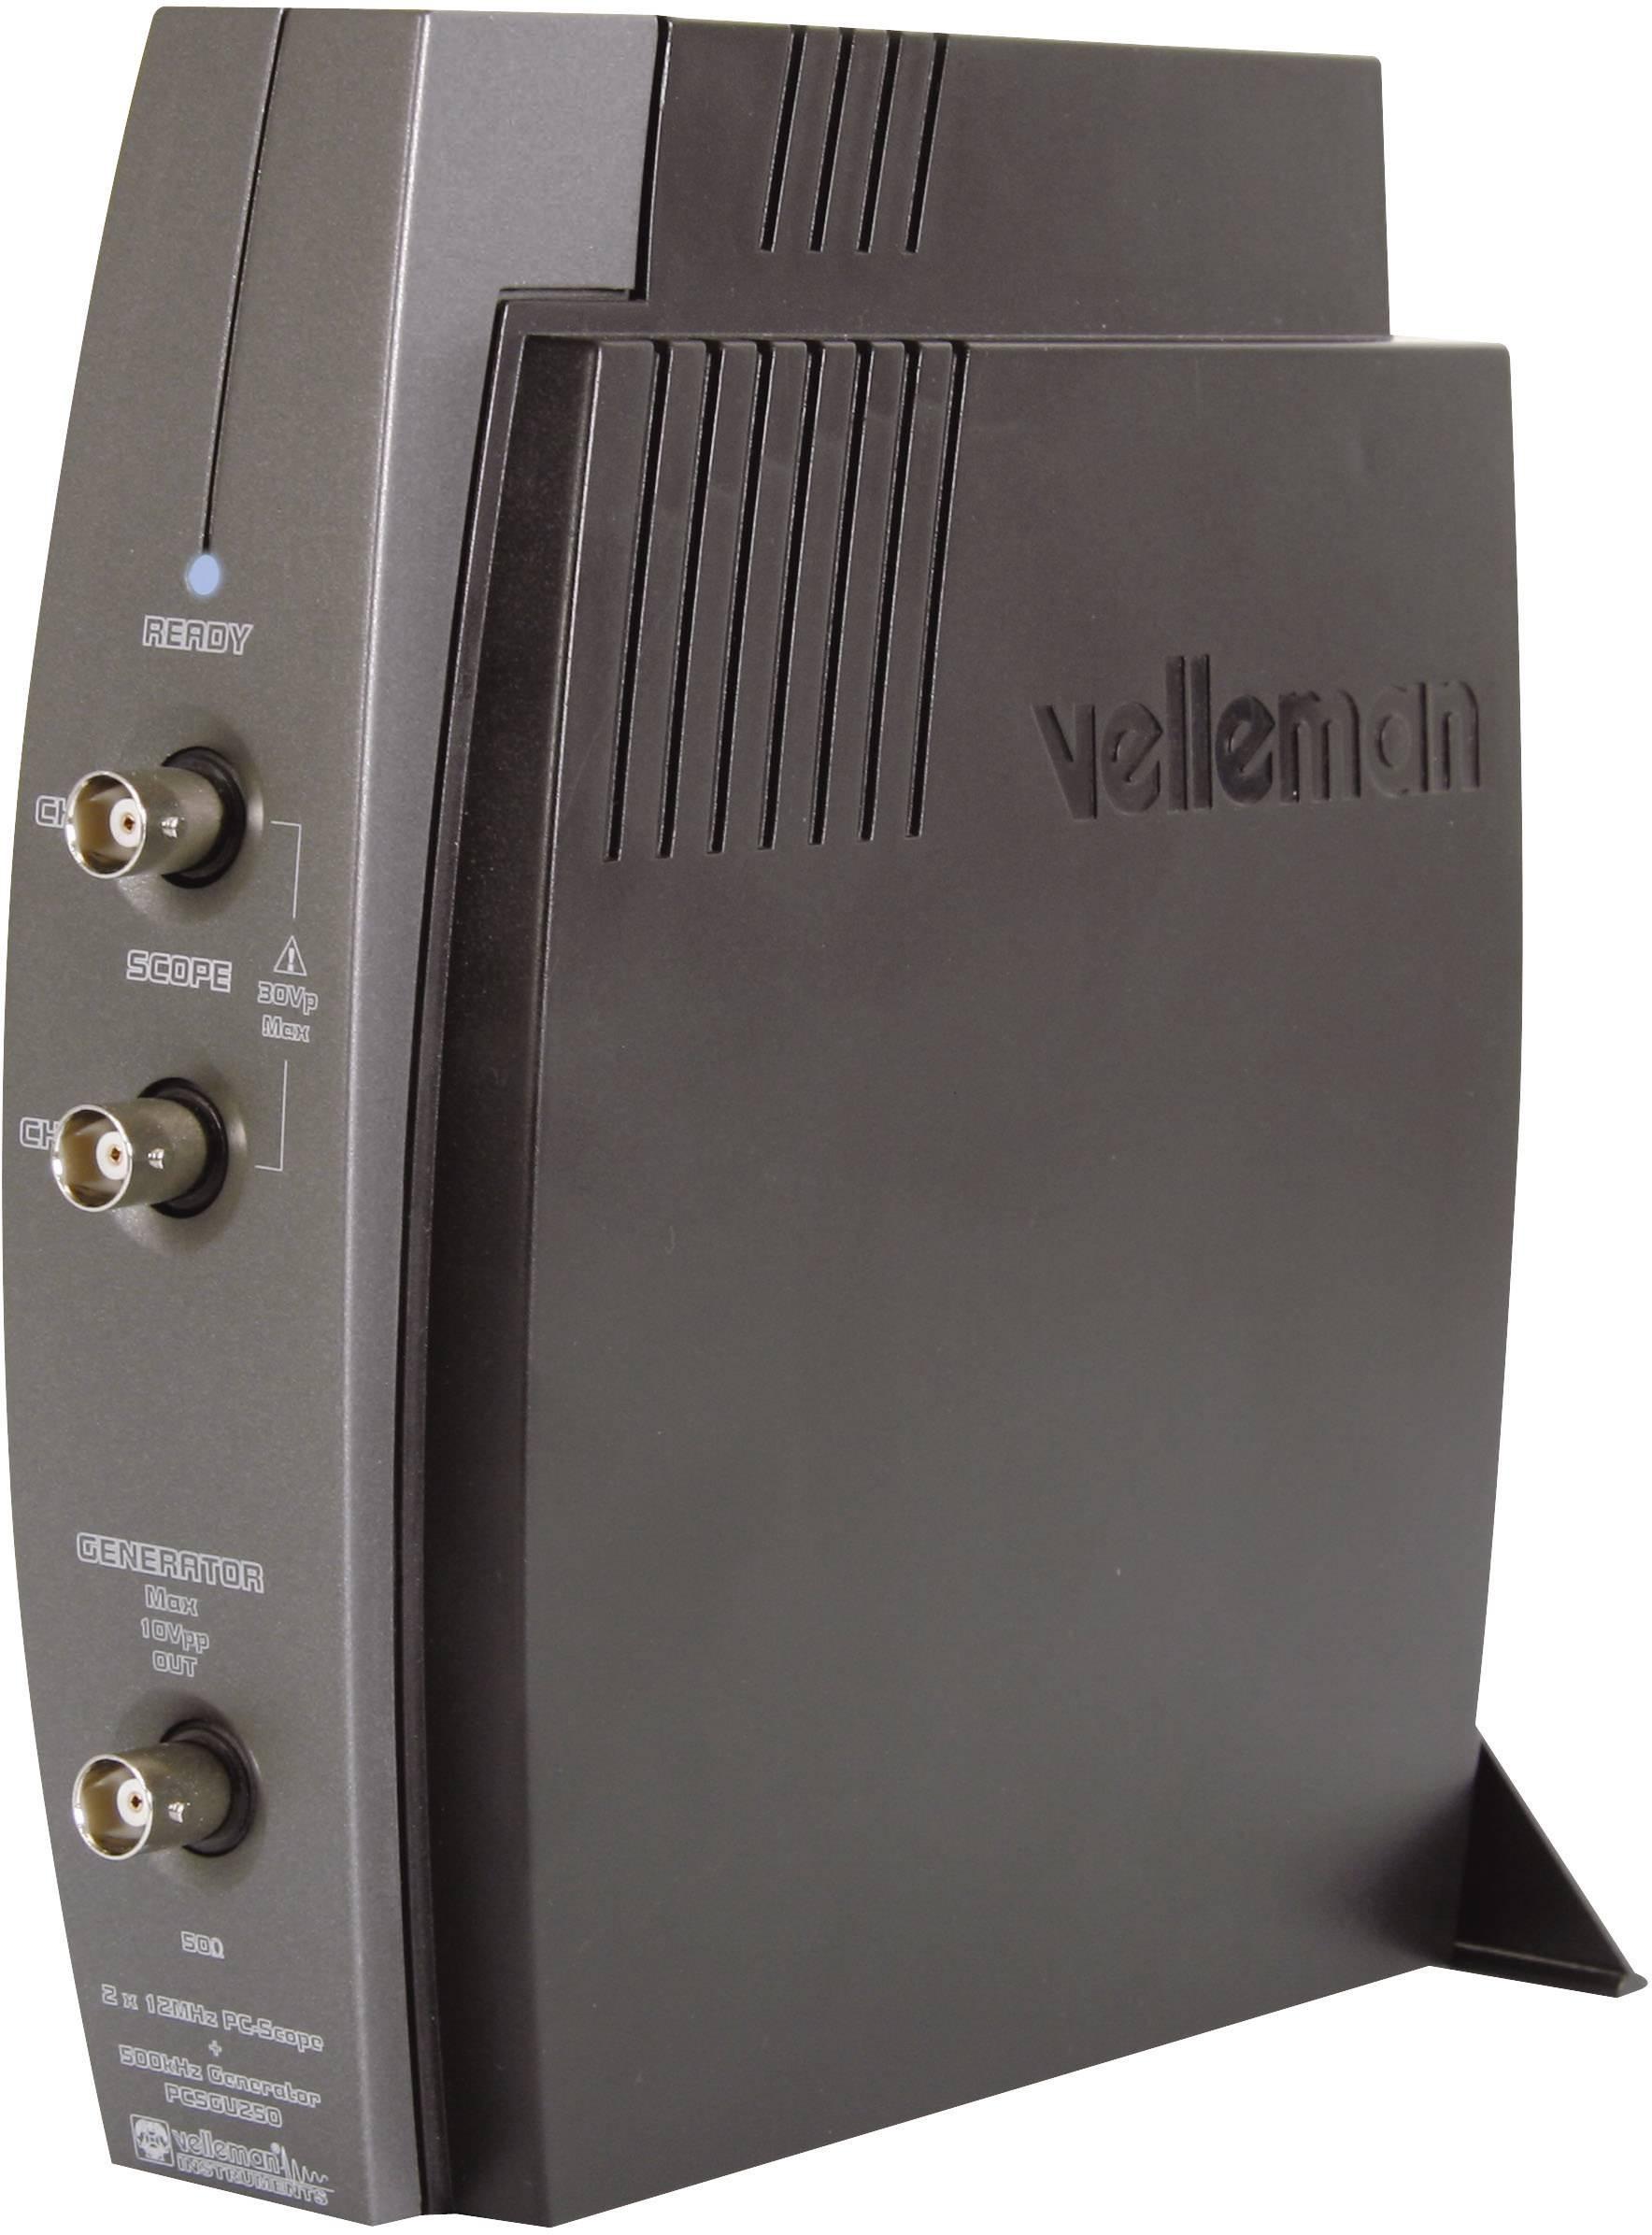 USB osciloskop Velleman PCSGU250, 12 MHz, 2kanálový